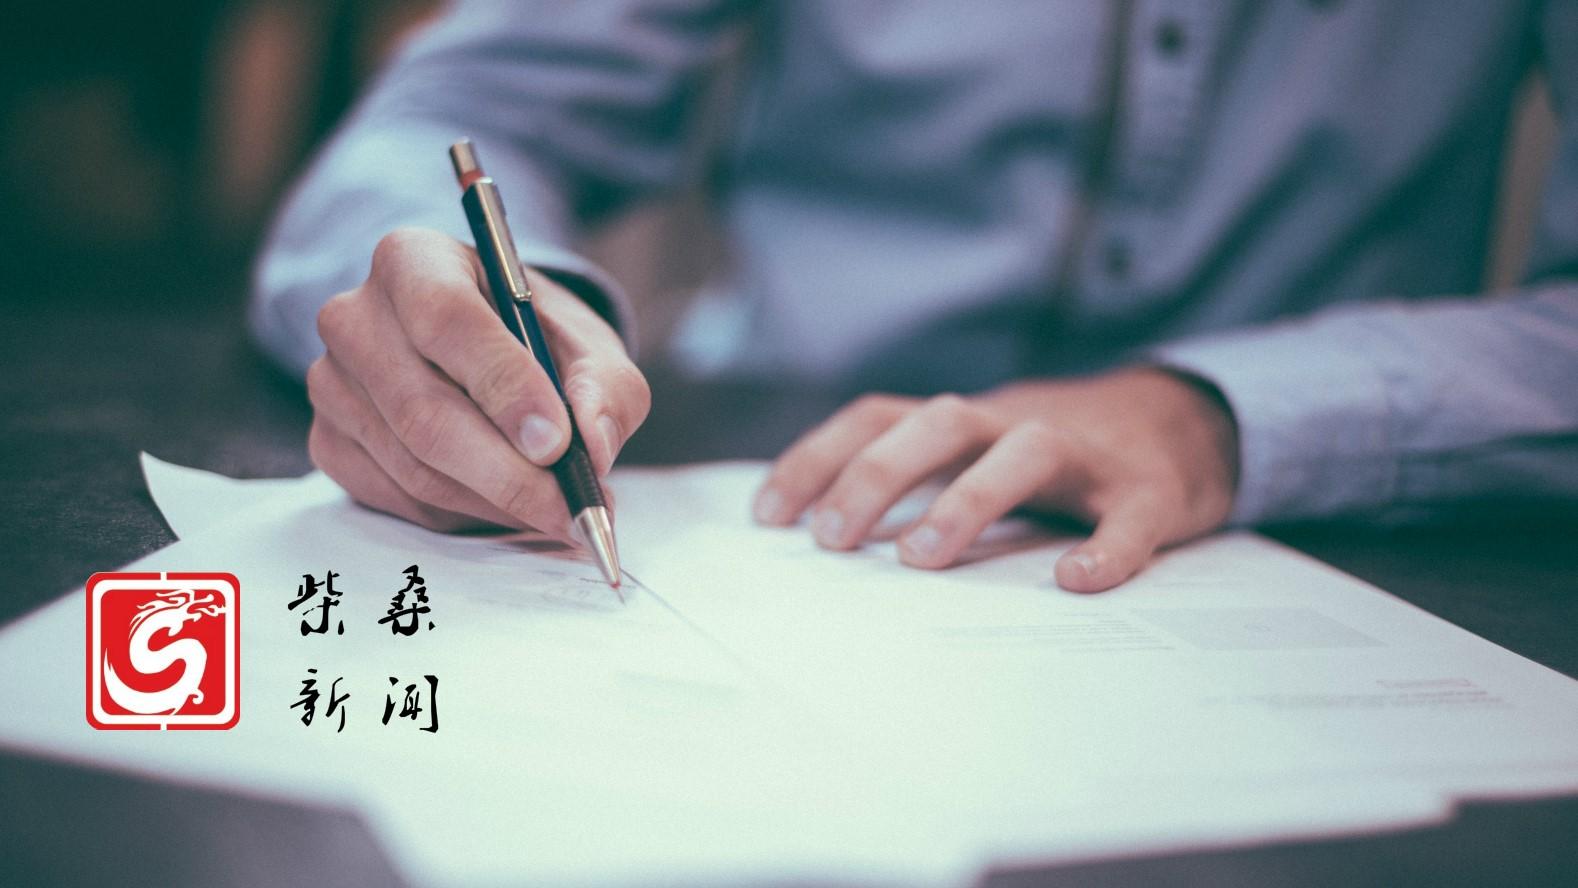 【柴桑新闻】我所田玮琅律师受邀为长运集团公司作专题讲座